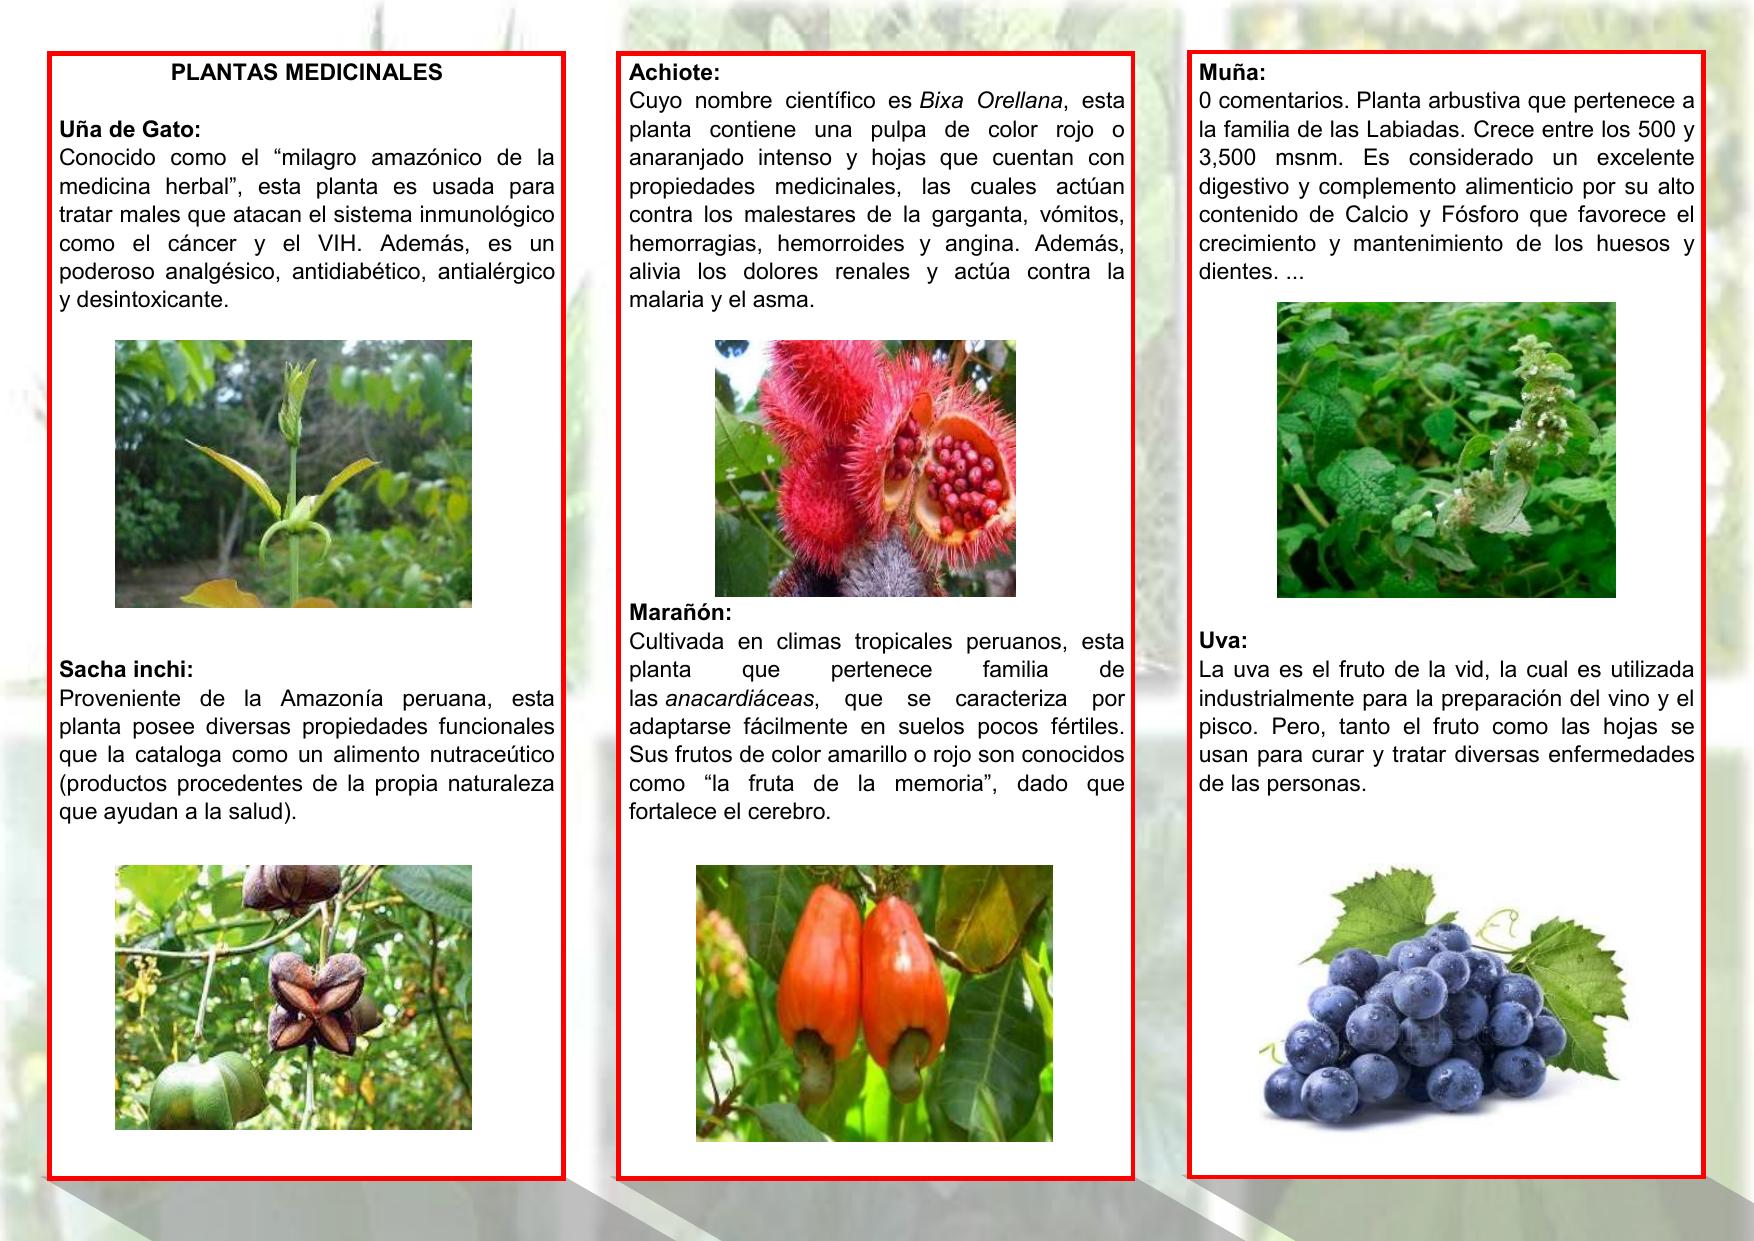 plantas medicinales su nombre cientifico y gestation que sirven